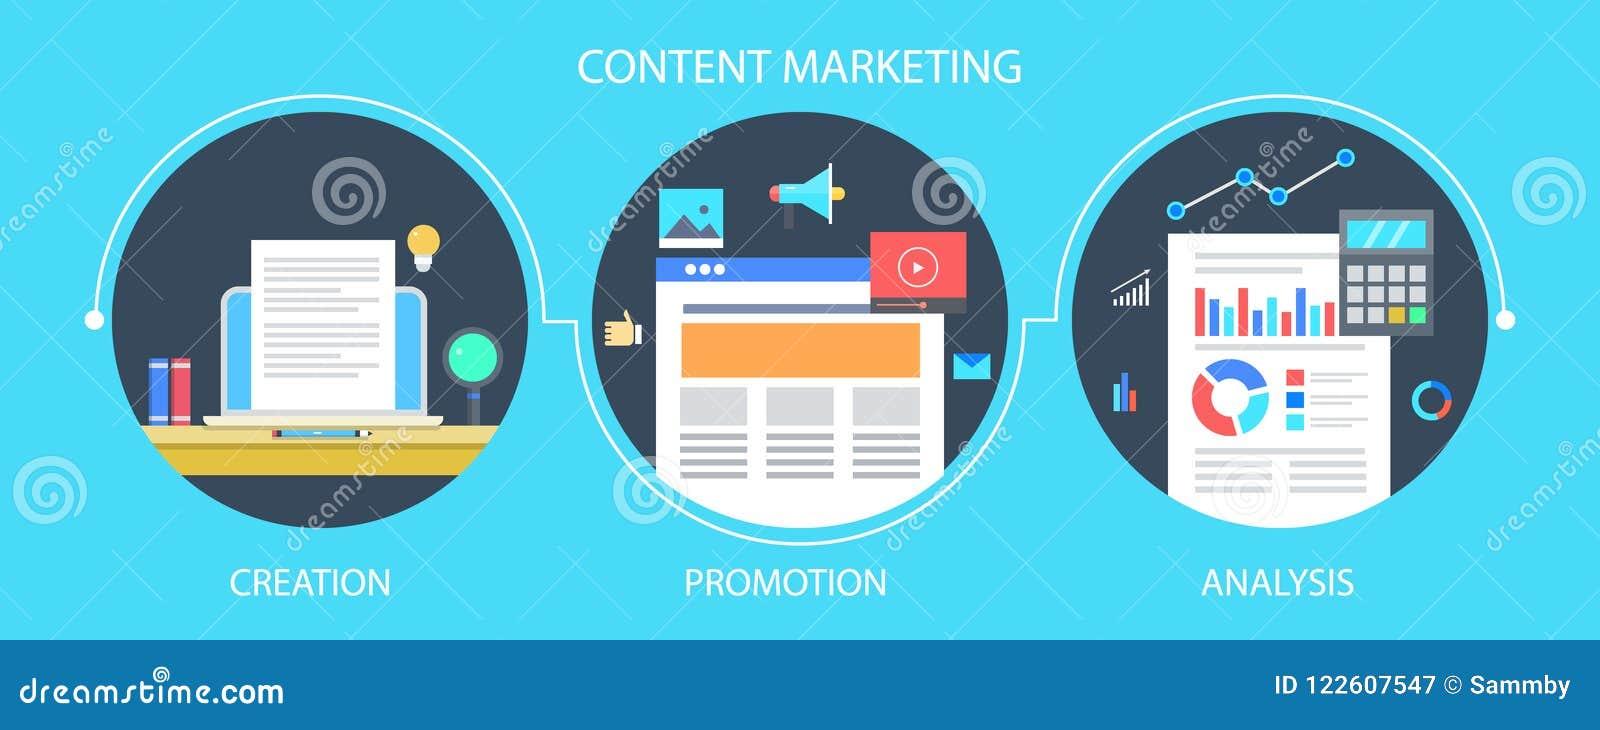 Содержимый процесс маркетинга - содержимые сочинительство, маркетинг и продвижение, аналитик и концепция измерения Плоское знамя